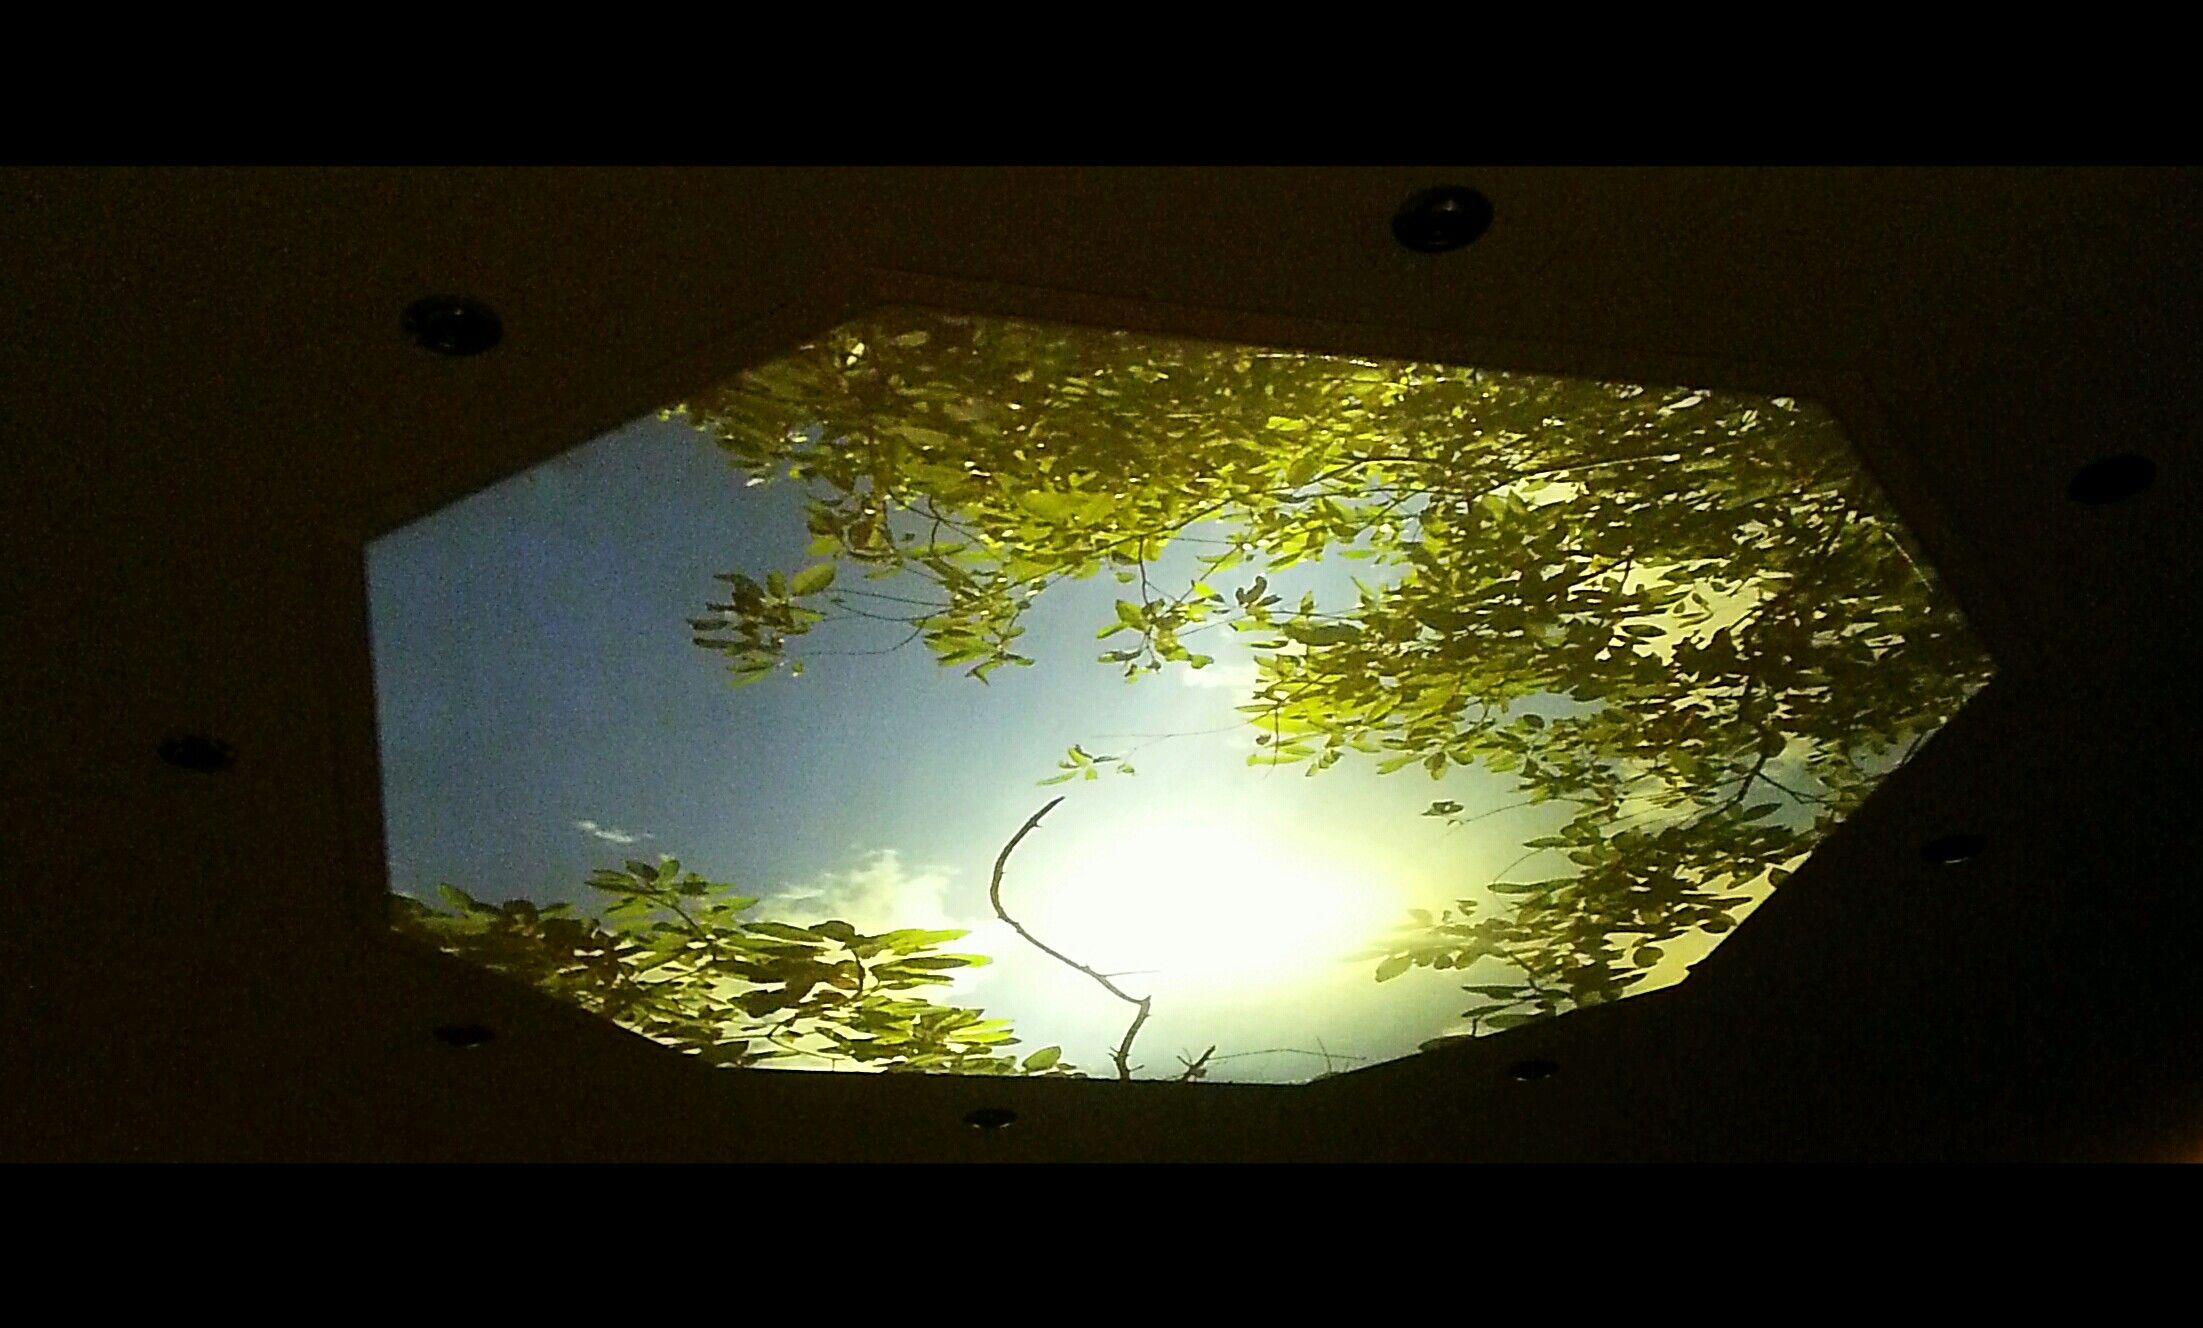 Deckenbild Mit Individueller Gestaltung Himmel Und Blattern Von Unten Beleuchtet Deckchen Beleuchten Bilder